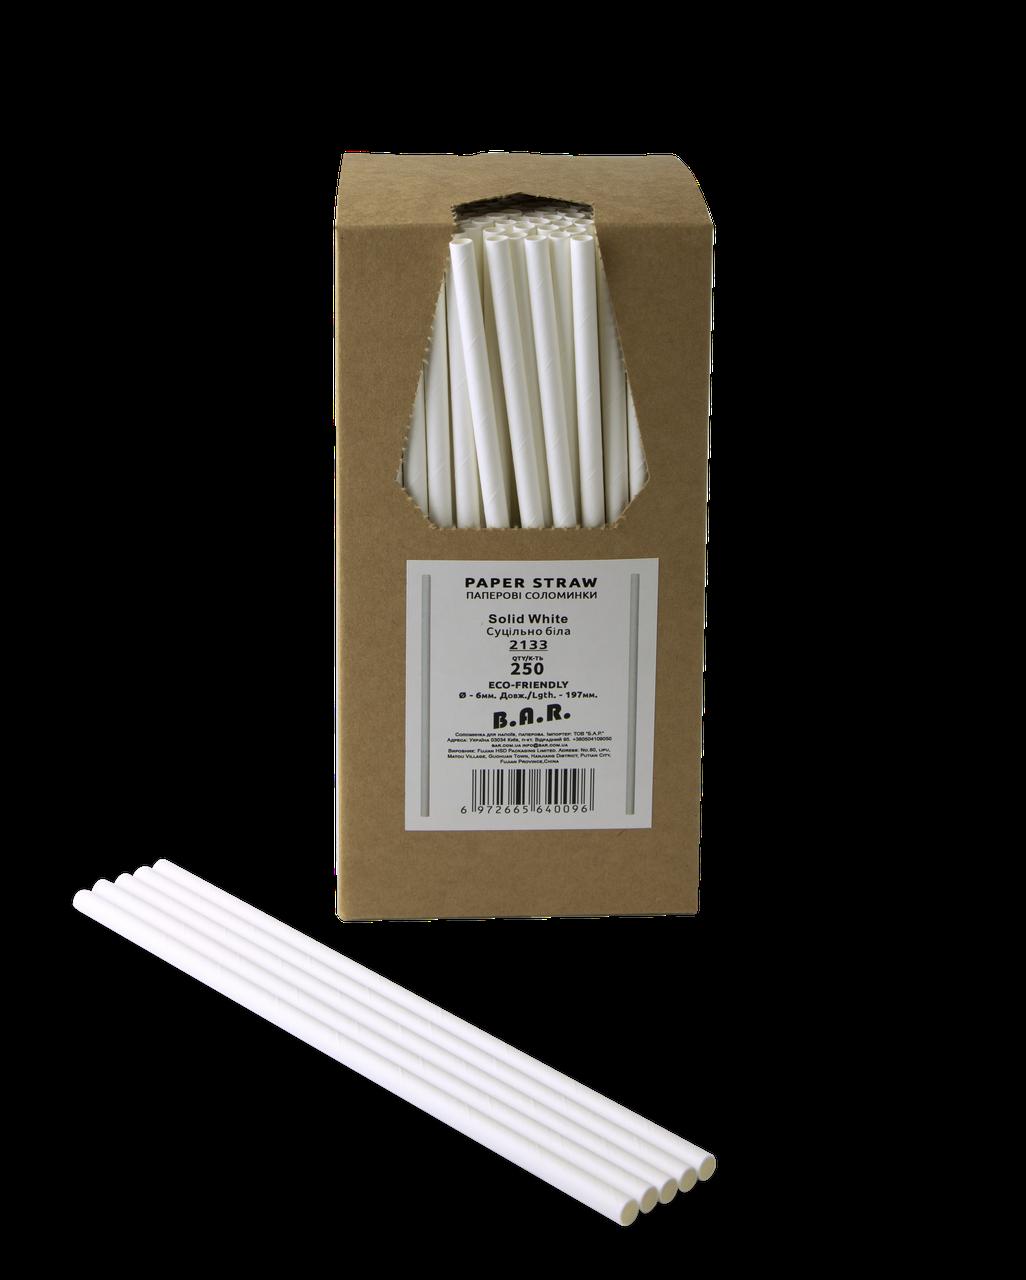 Трубочка бумажная B.A.R. 197x6 мм, 250 шт. Белая (2133)